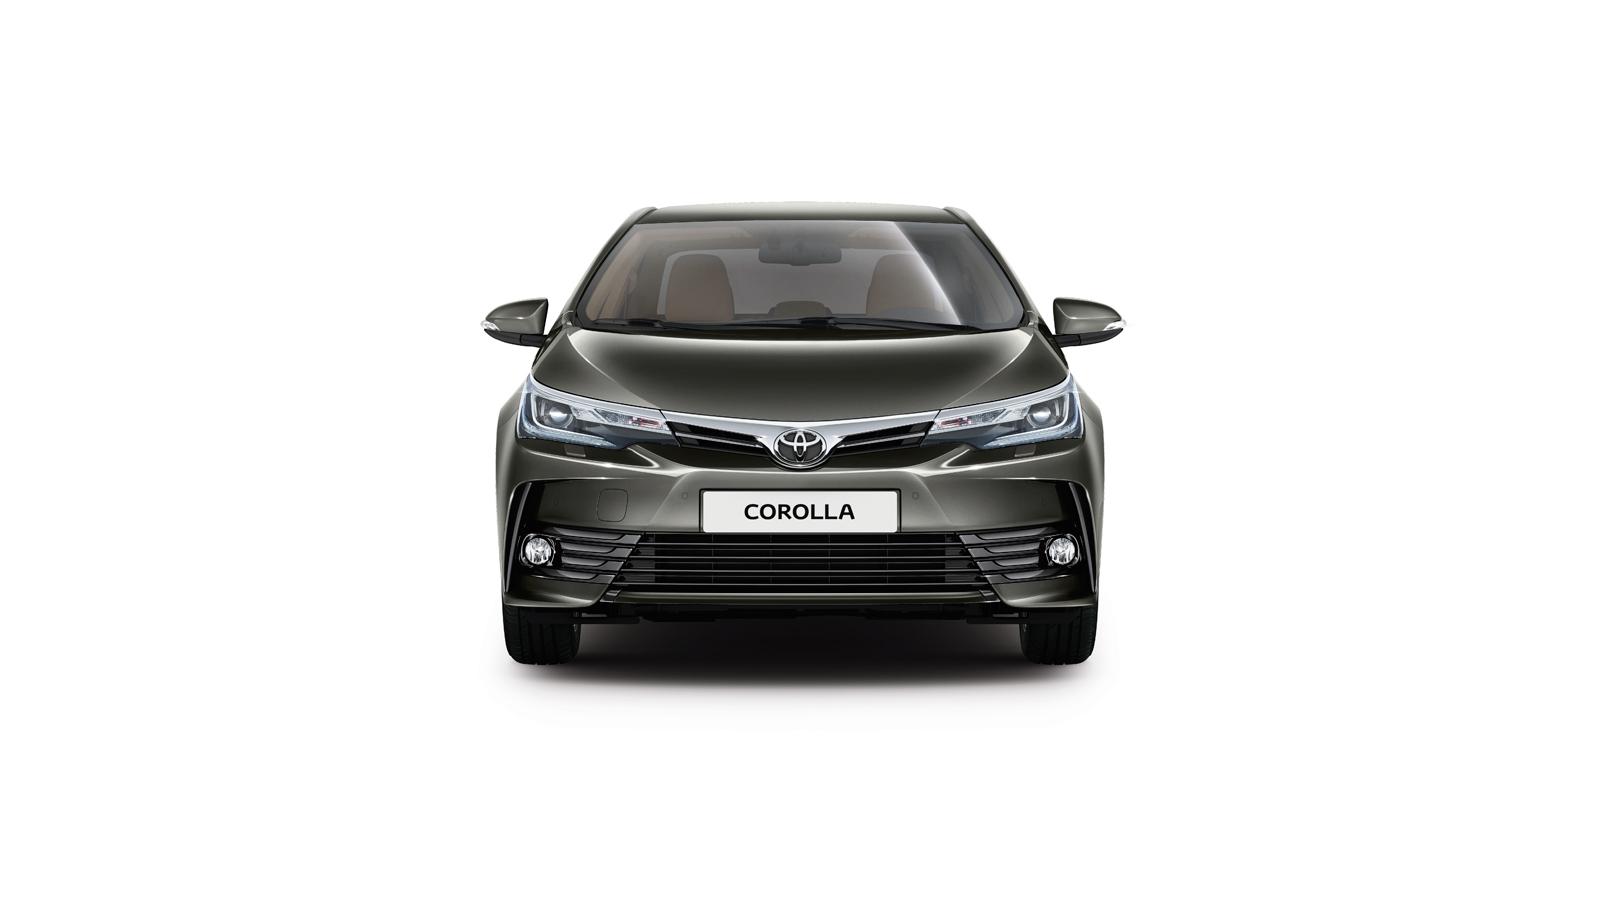 Toyota-corolla-2016-exterior-tme-011-a-full_tcm-11-707457